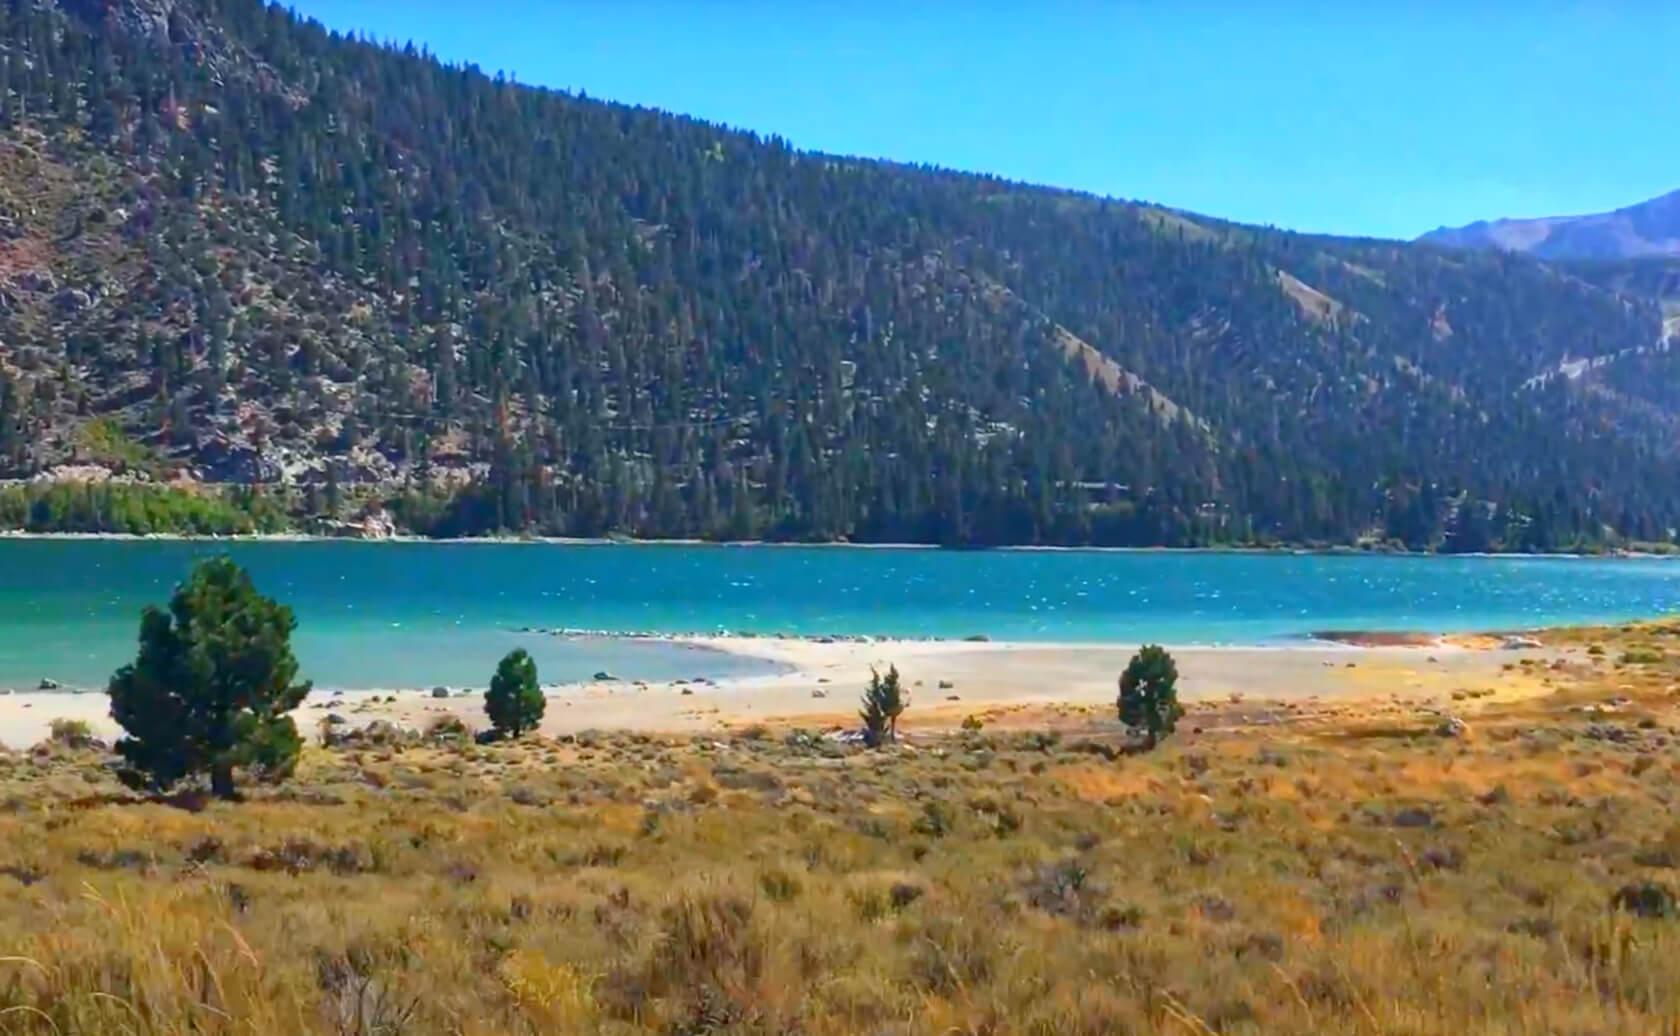 June-Lake-Fishing-Guide-Report-California-09